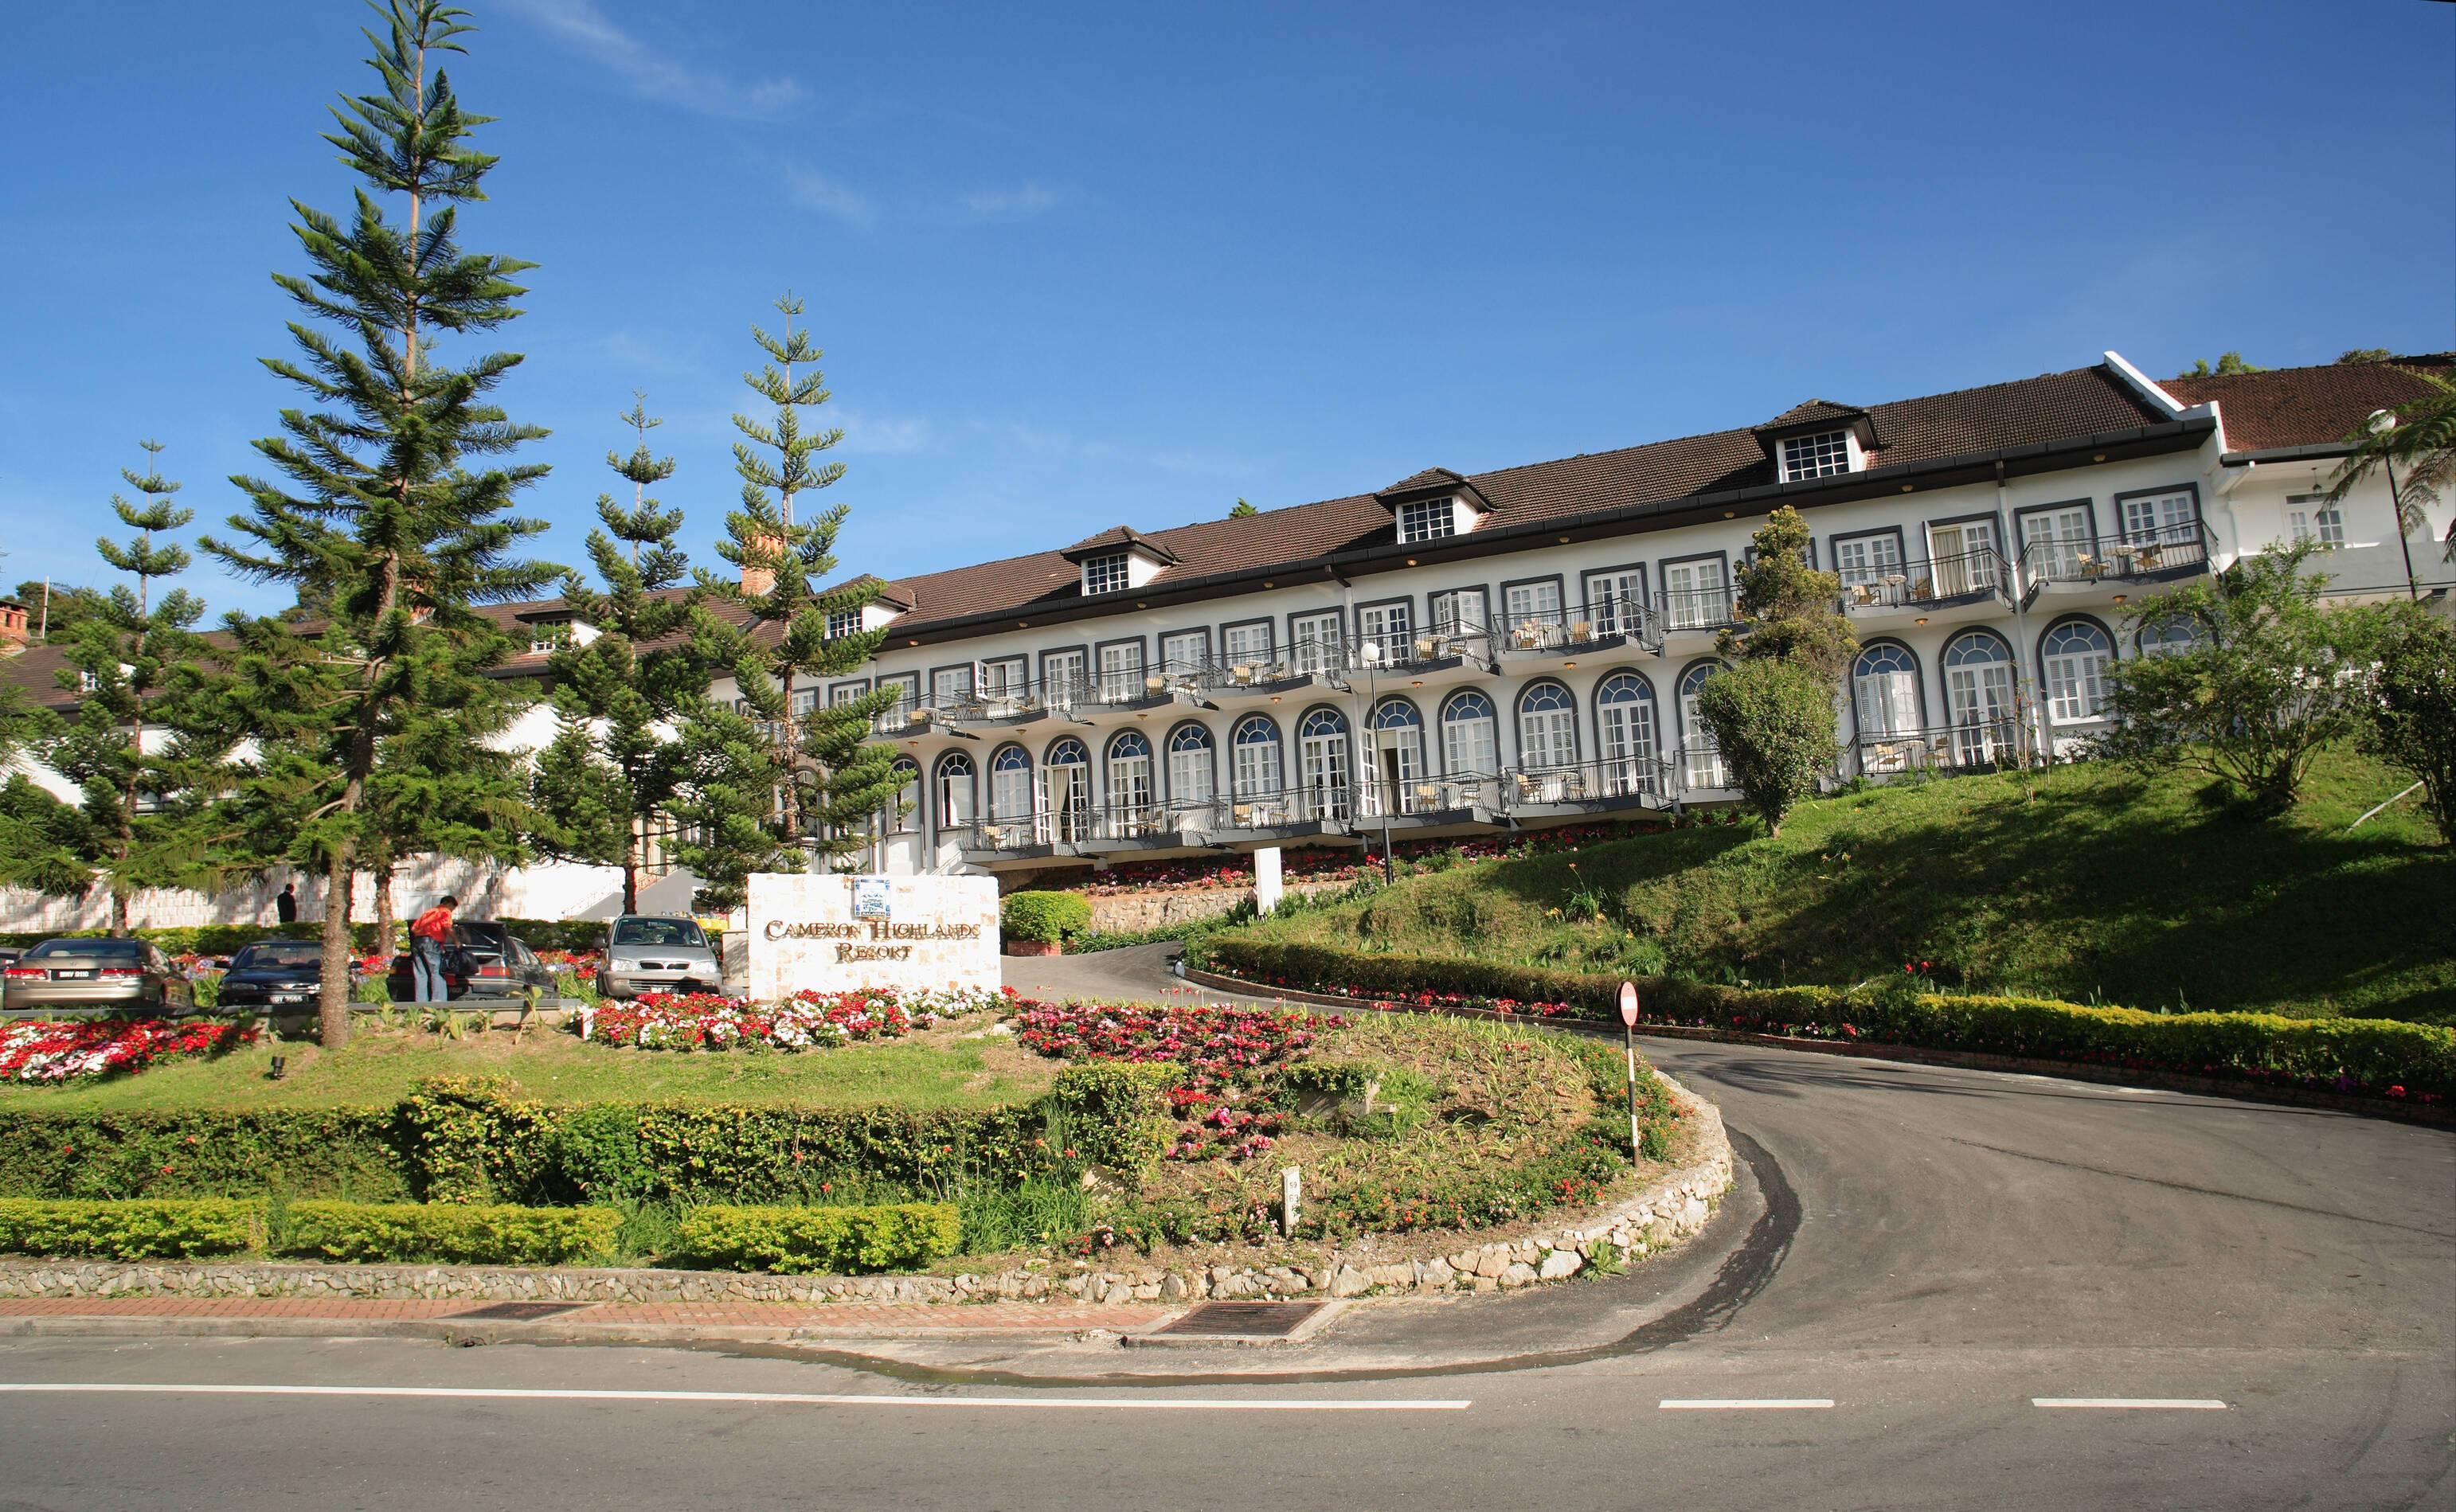 Cameron Highlands Resort Malaisie Vue Exterieure